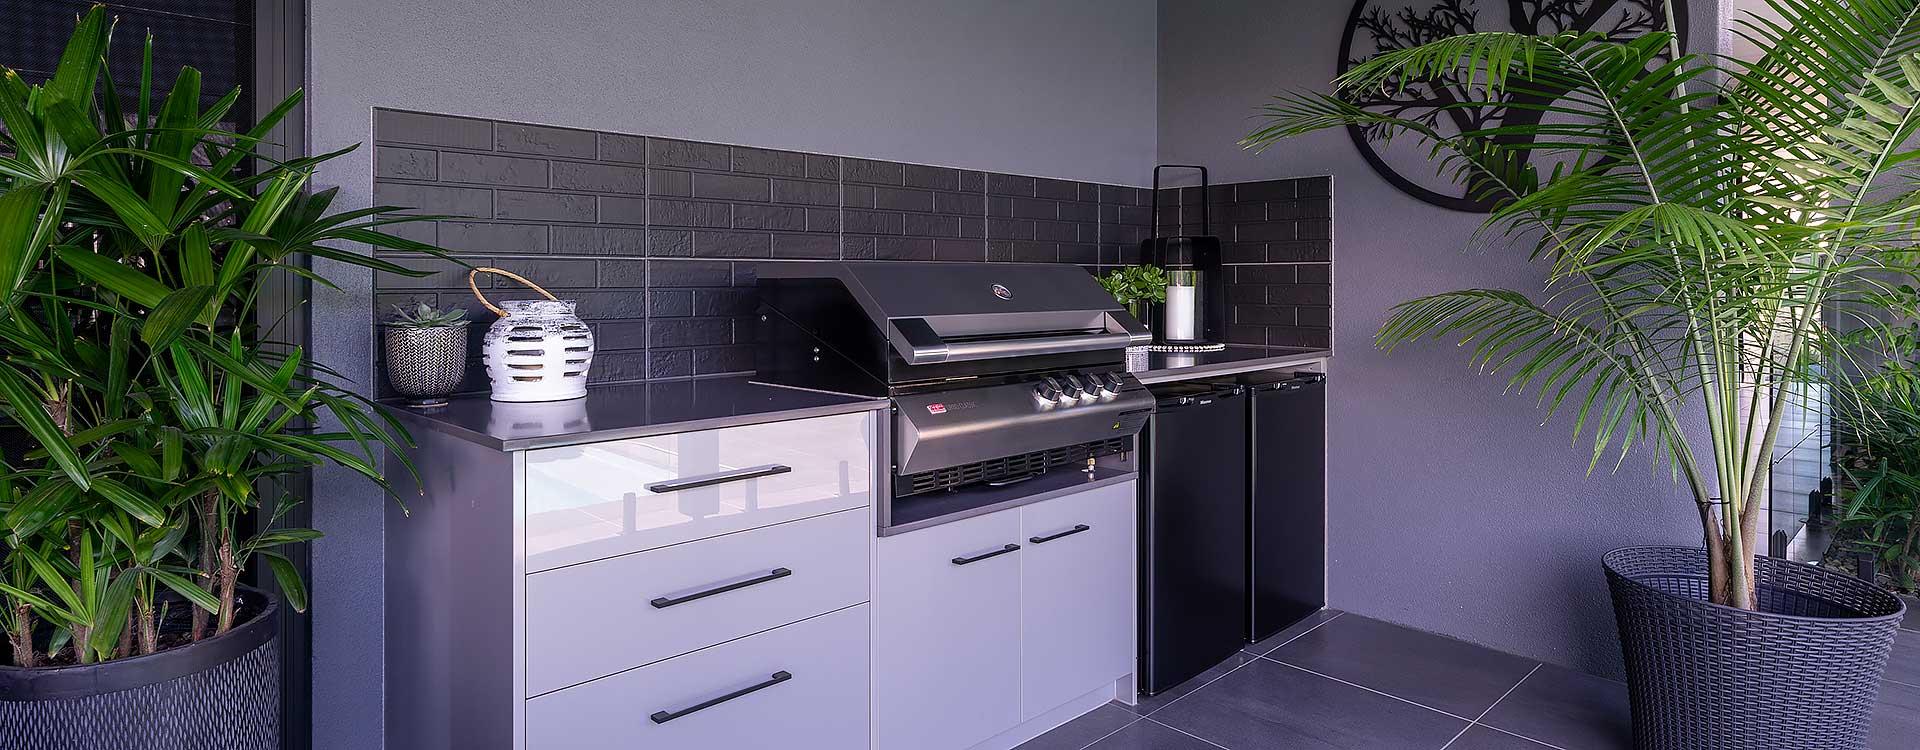 modern new home outdoor kitchen